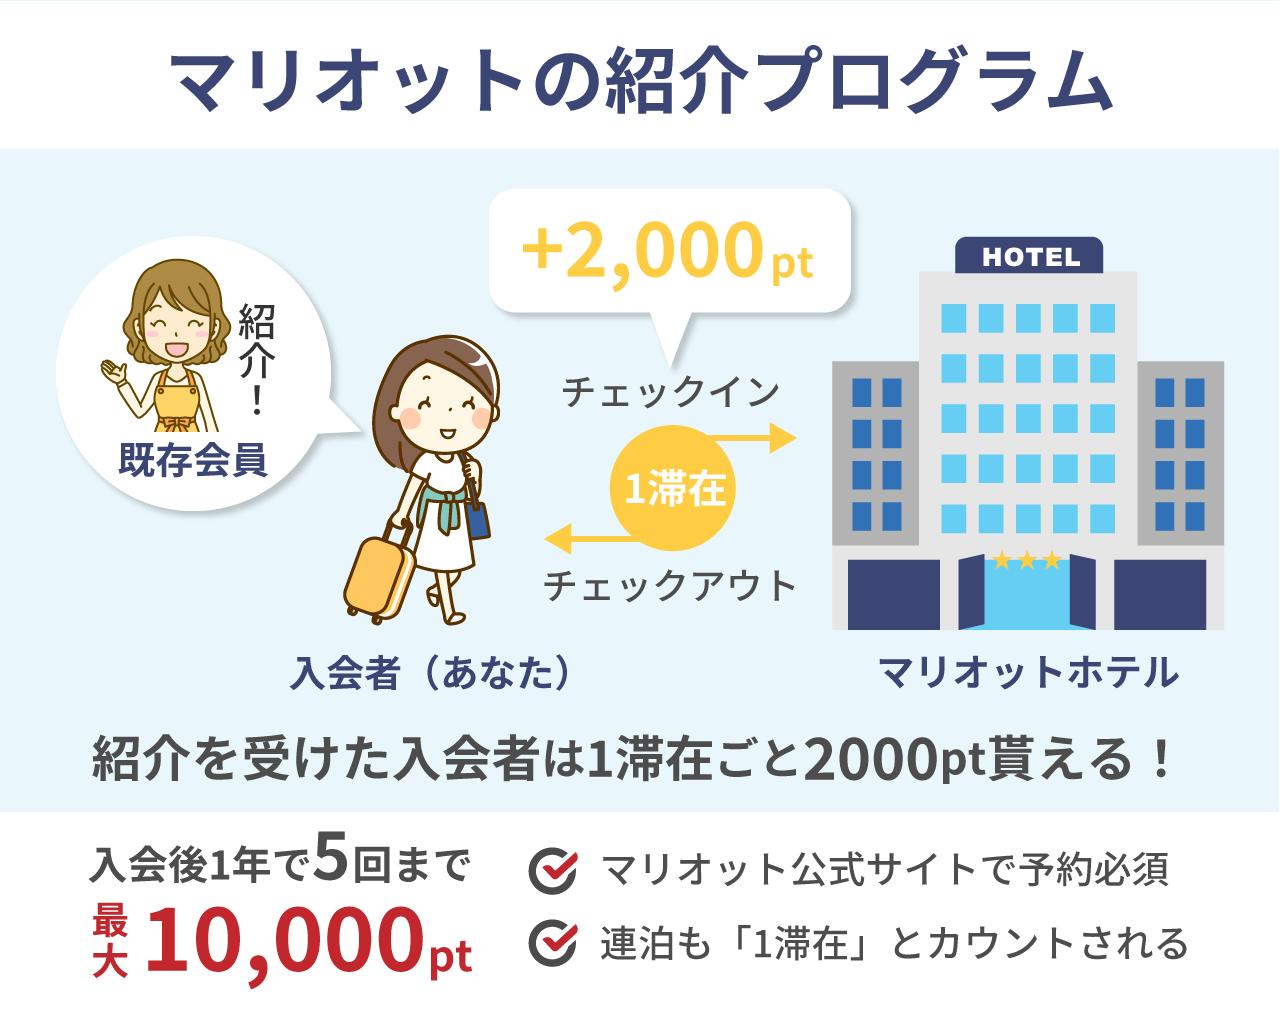 マリオット紹介キャンペーン